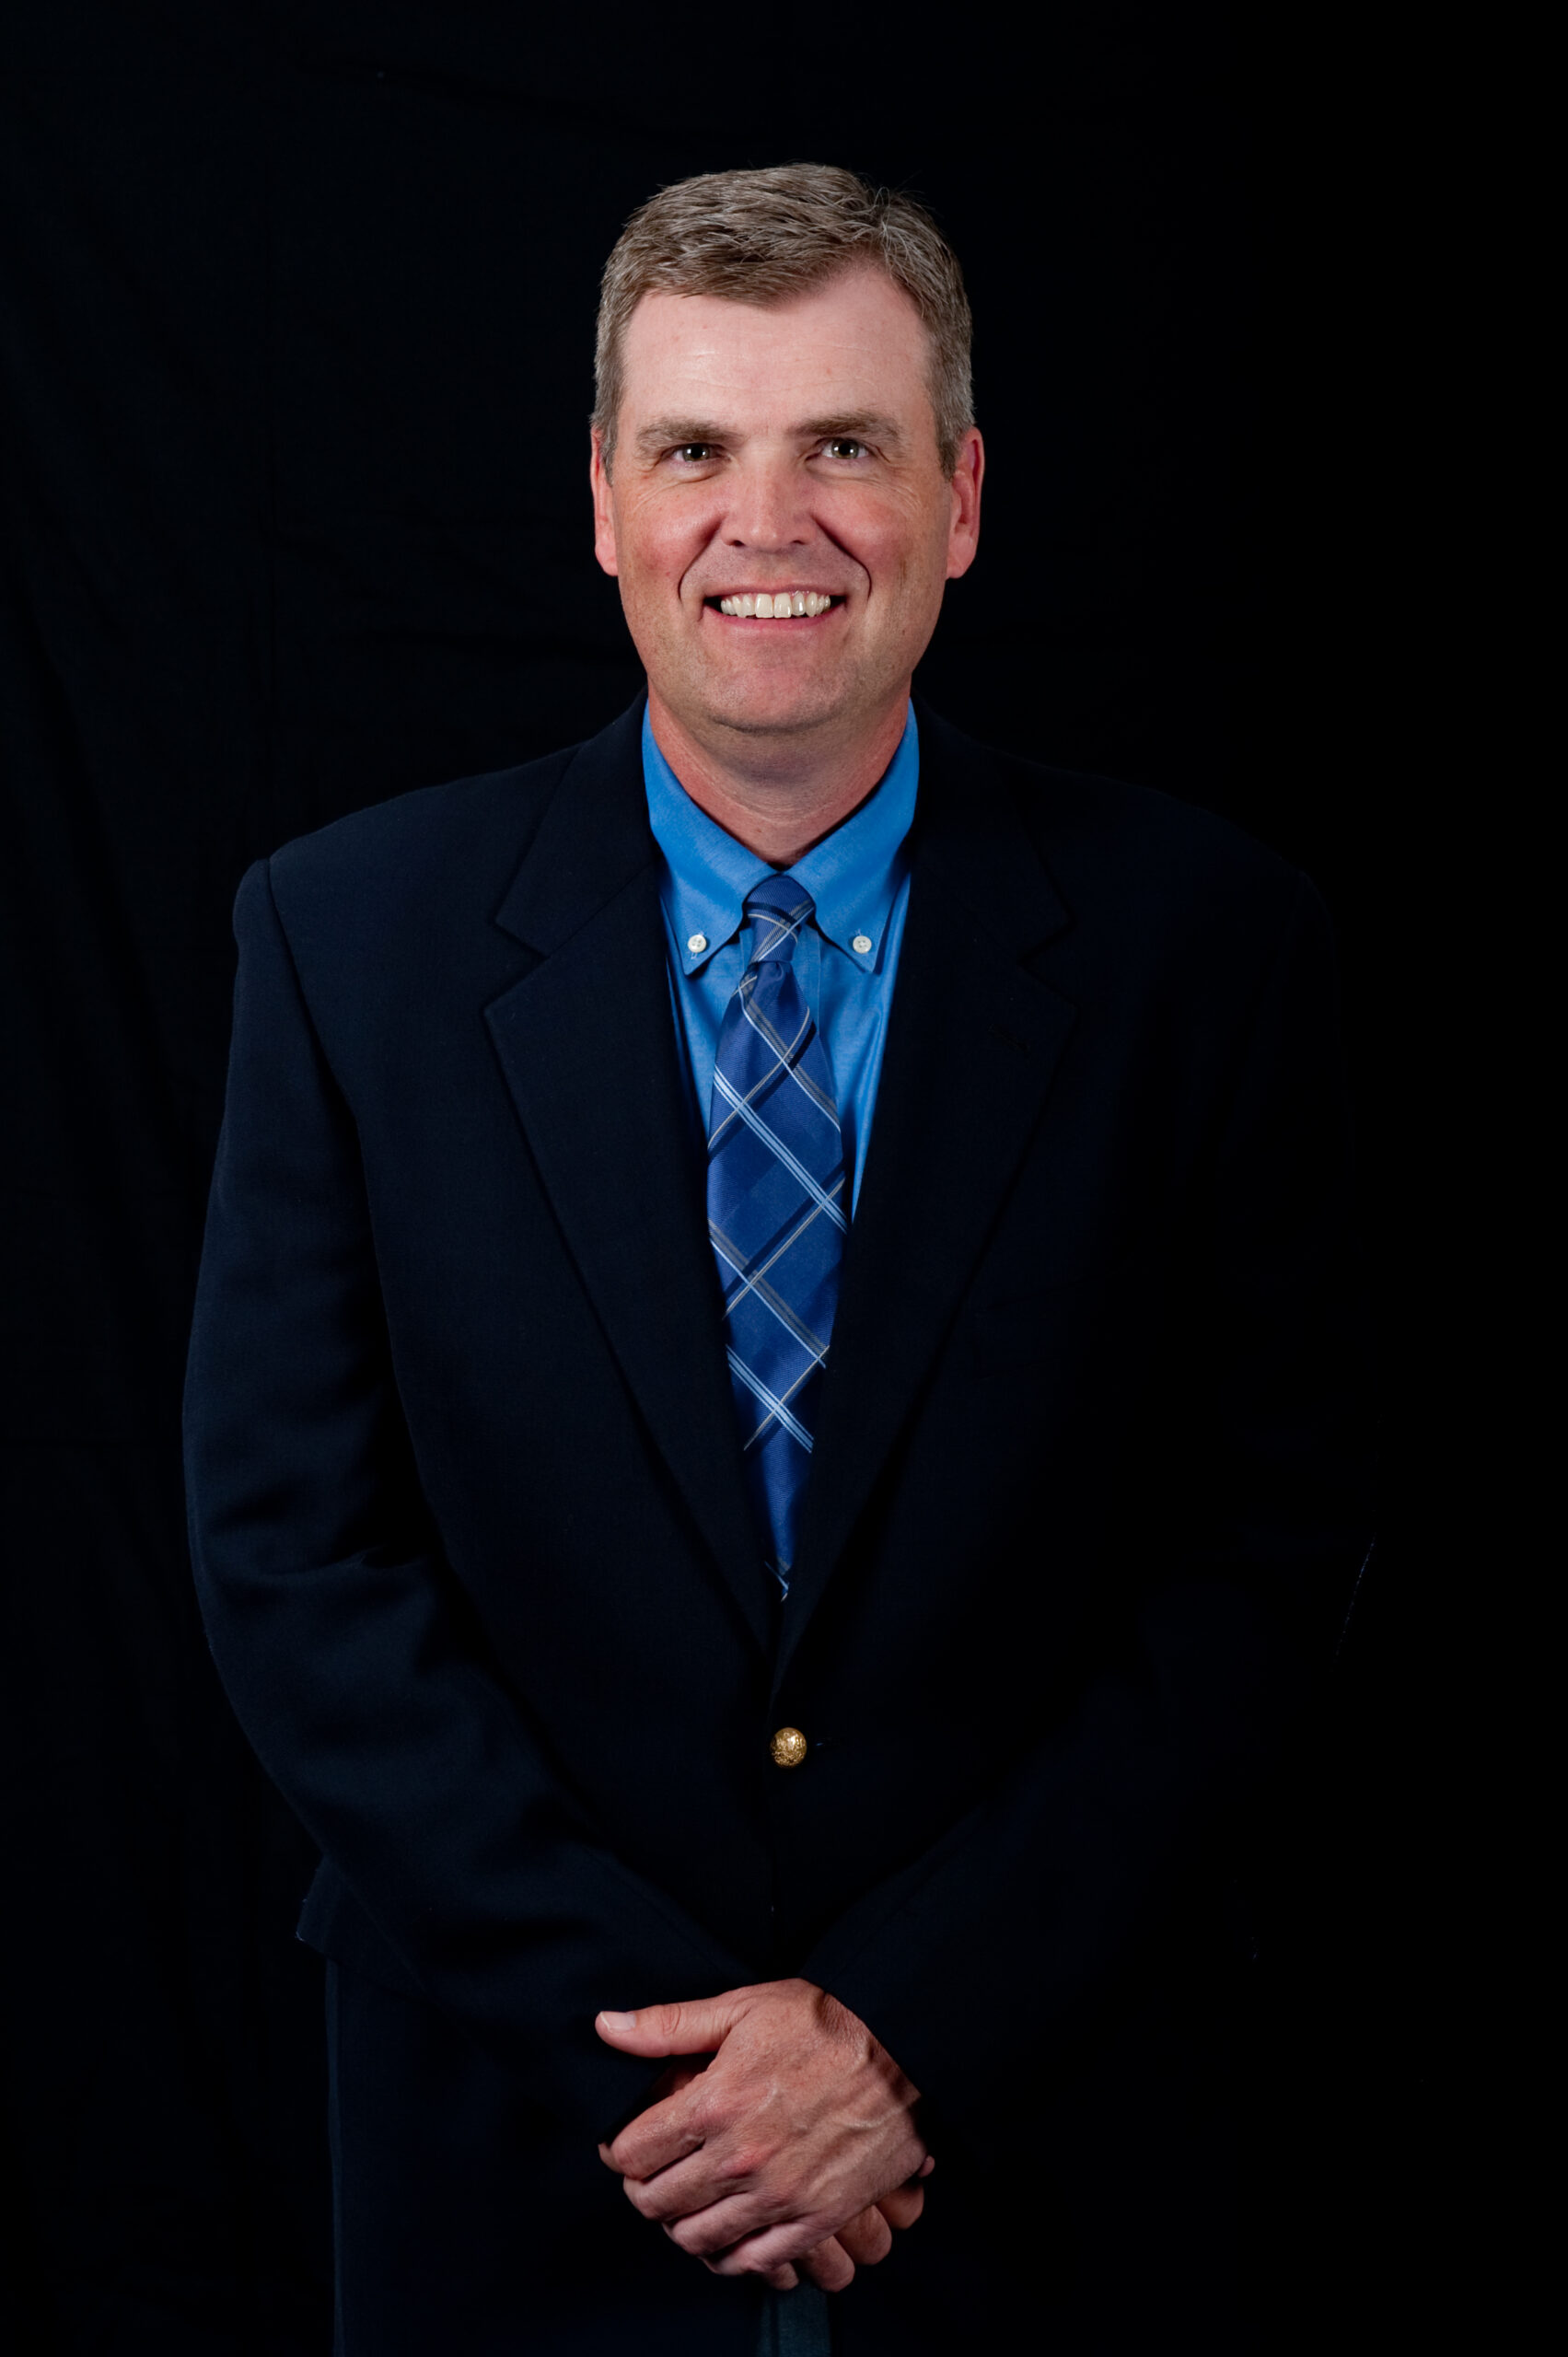 Scott Dillard